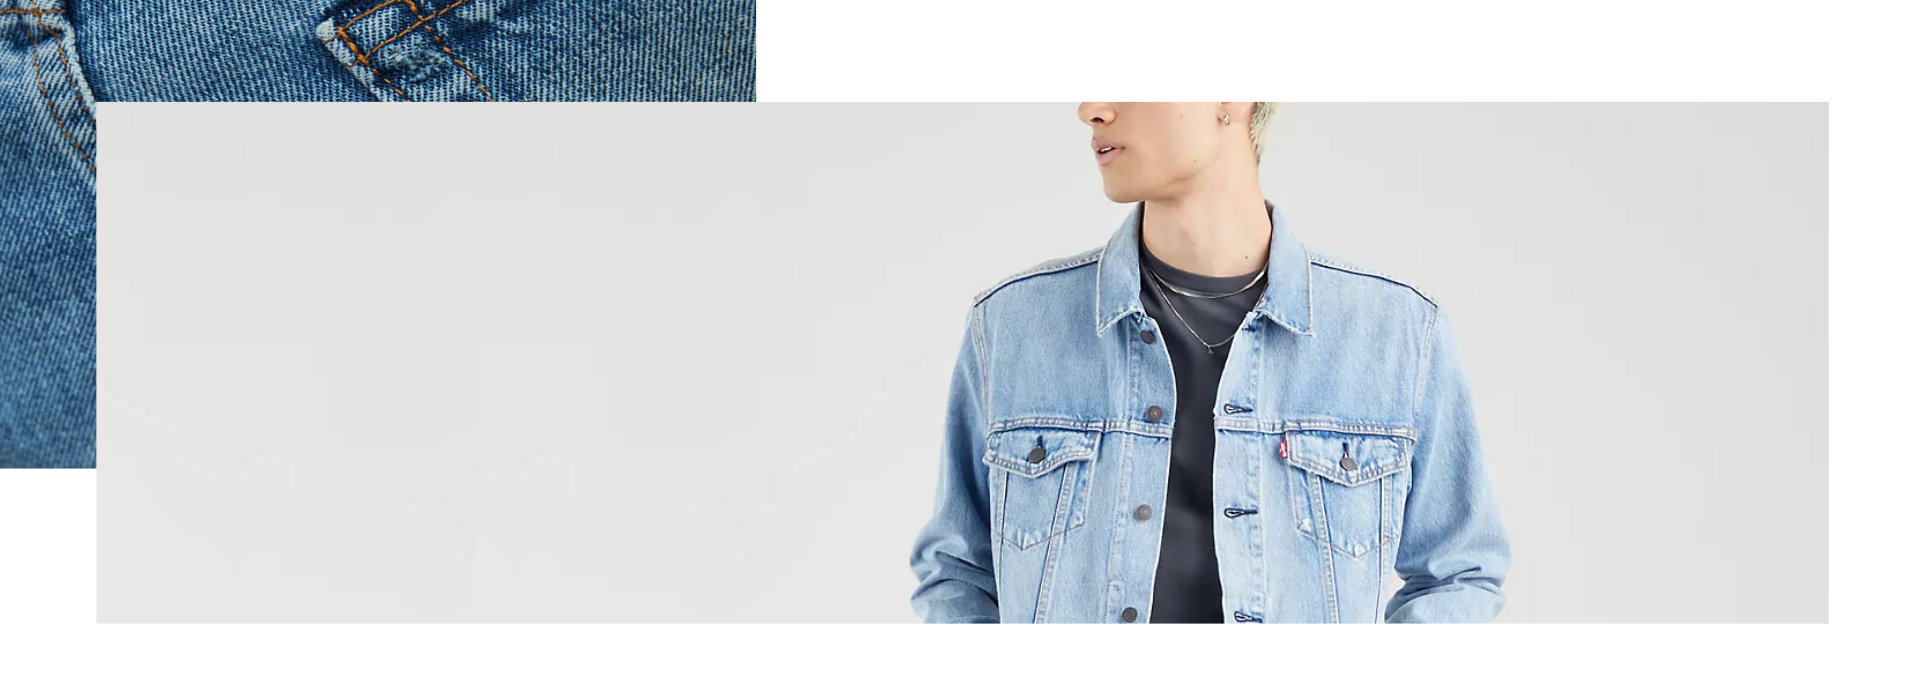 Promozione Jeans fino al 60% OFF